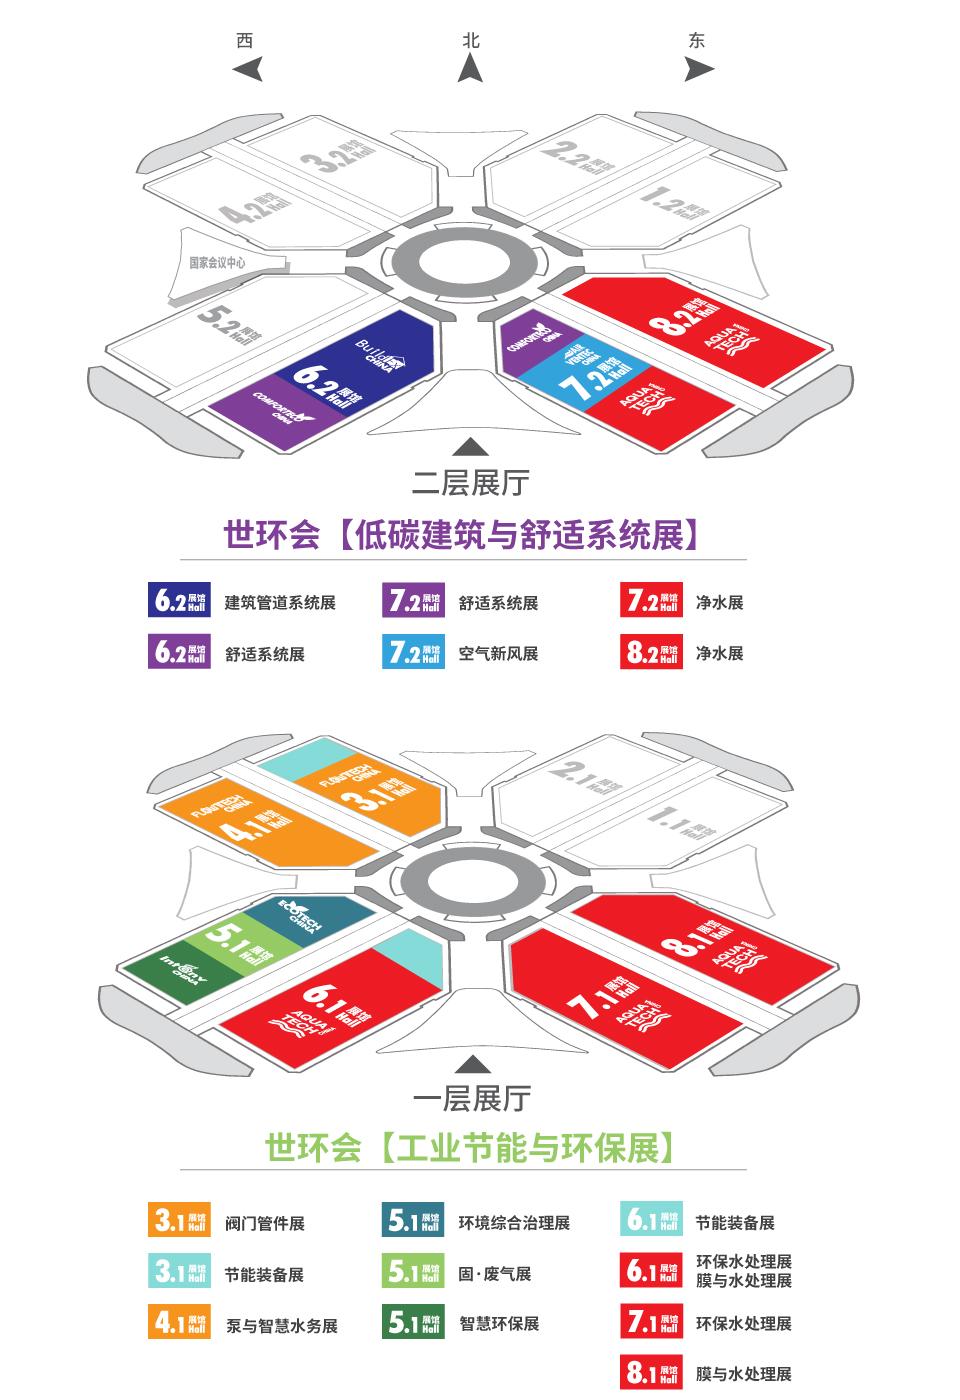 展馆分布-_上海舒适系统展